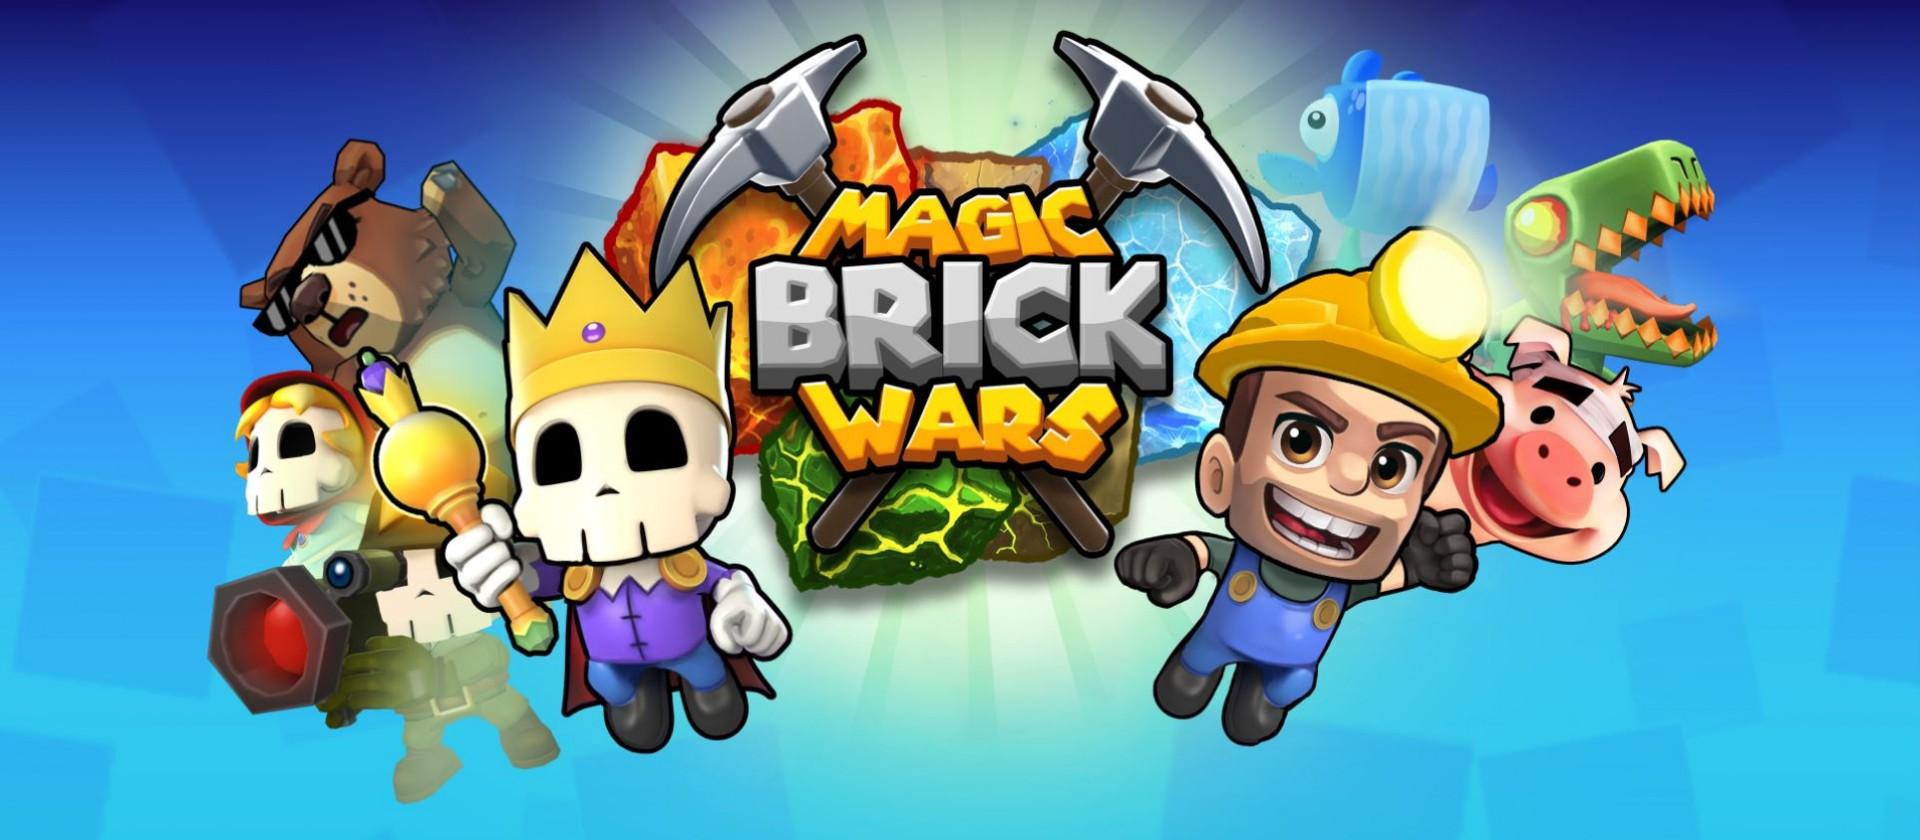 Авторы Fruit Ninja анонсировали игру Magic Brick Wars